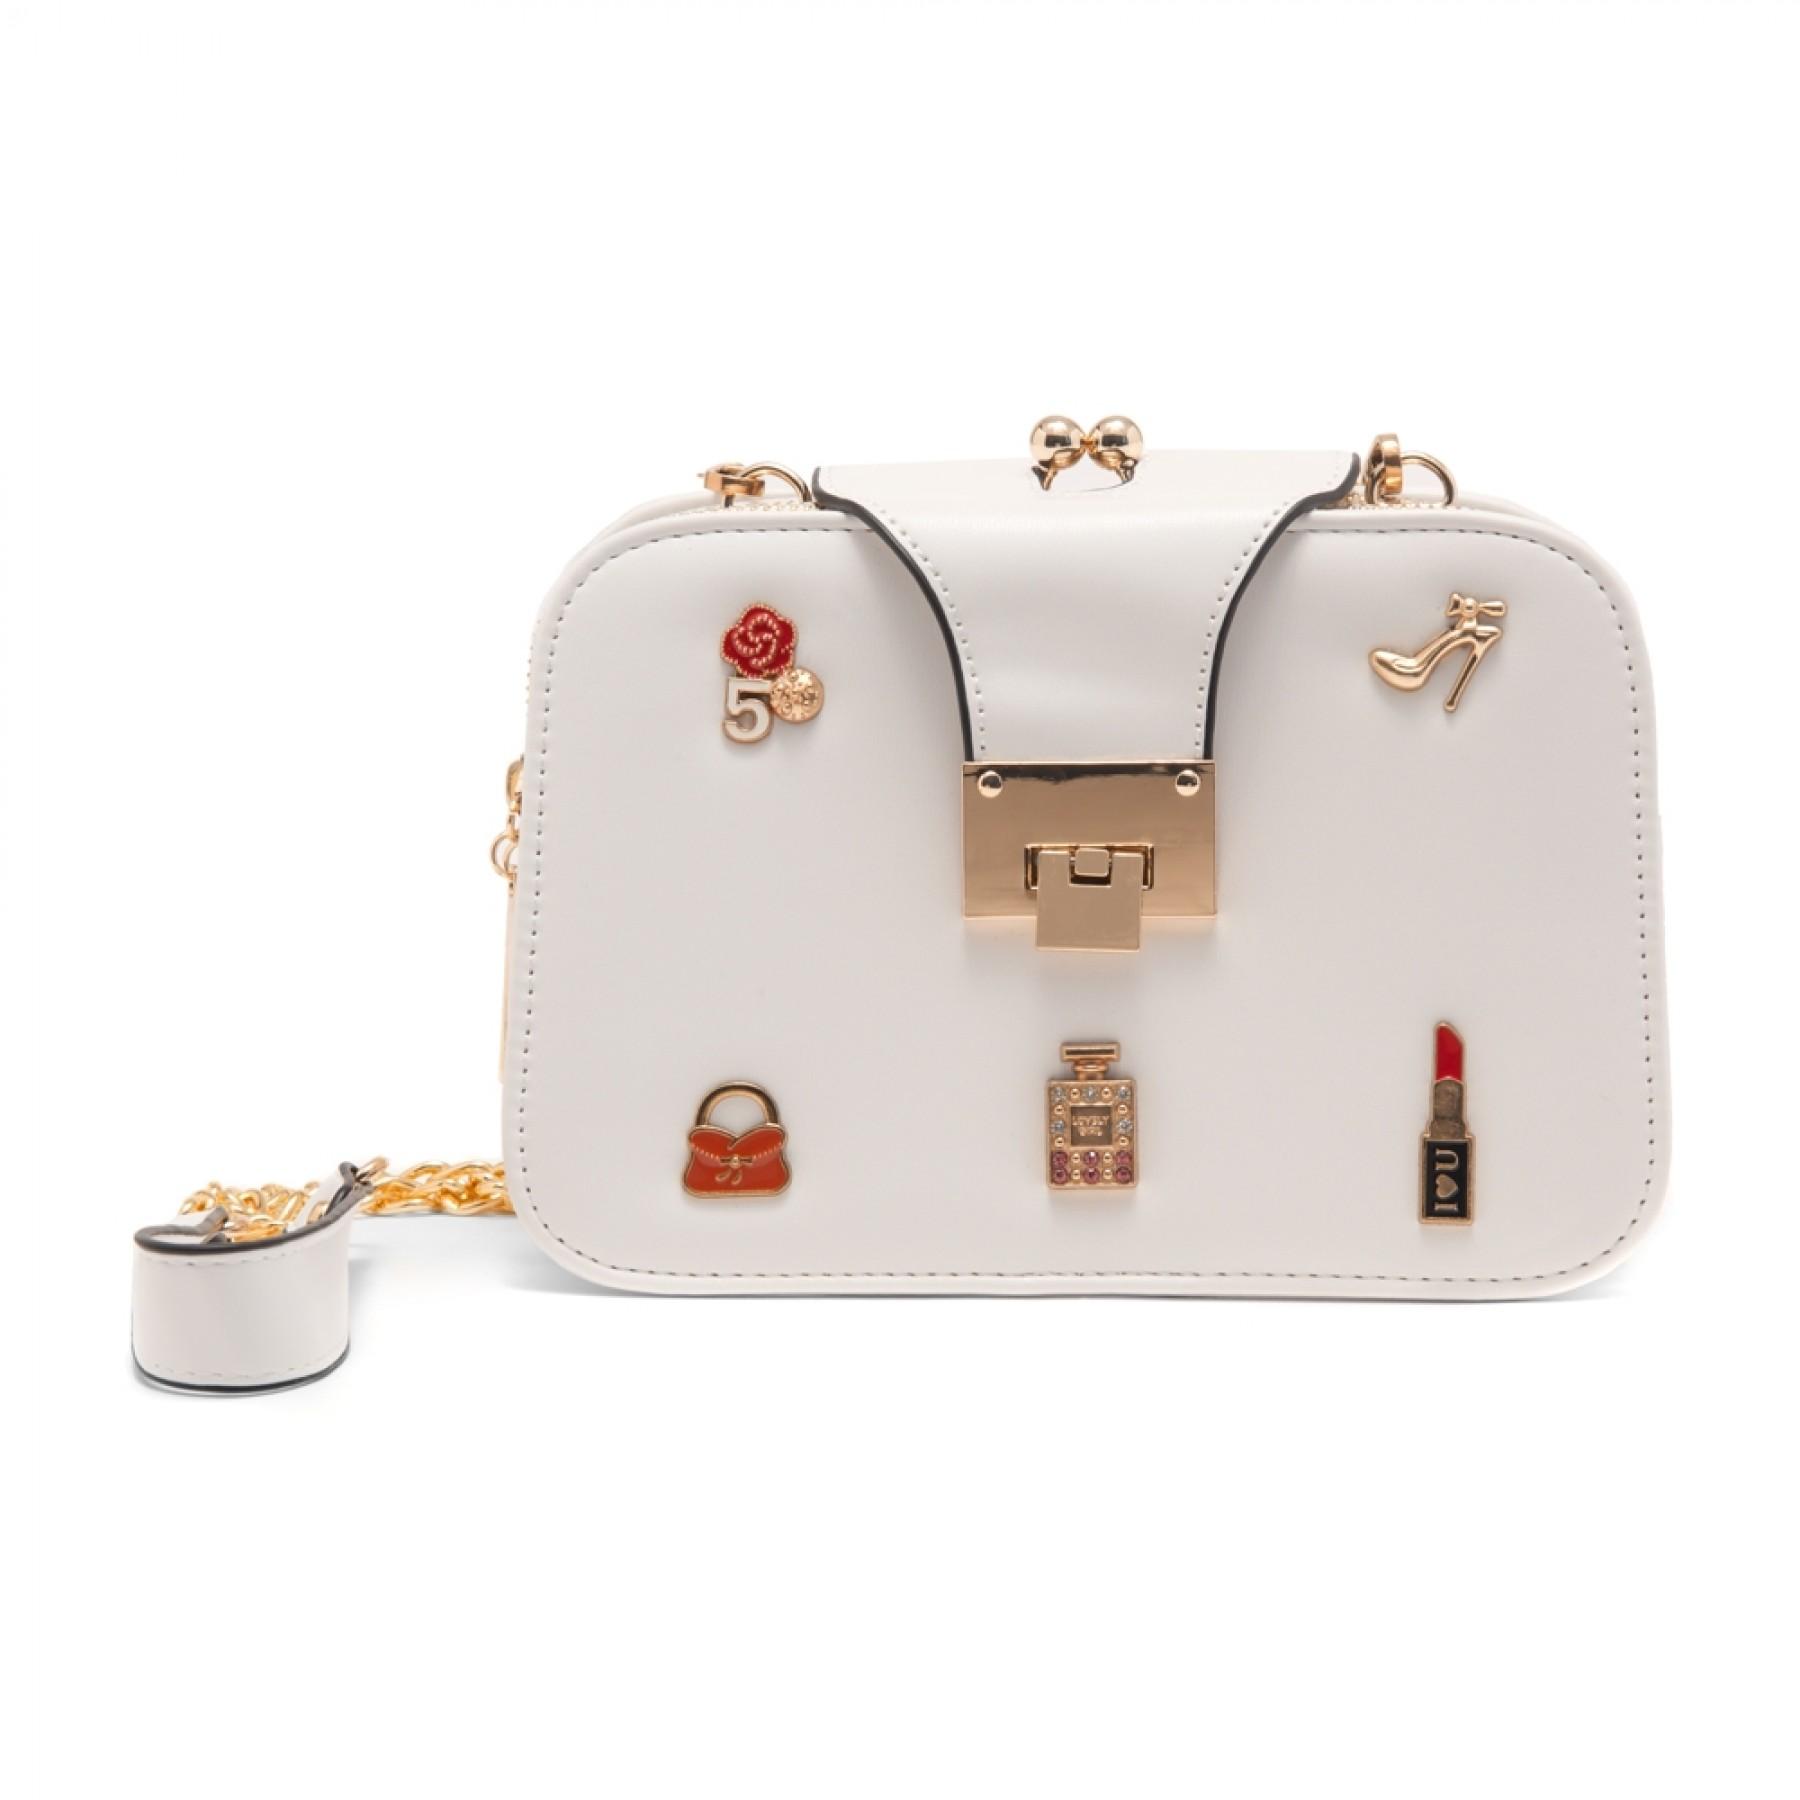 SZ15-LH2-16482 - Women's Trendy Fashion Crossbody Bag (White)